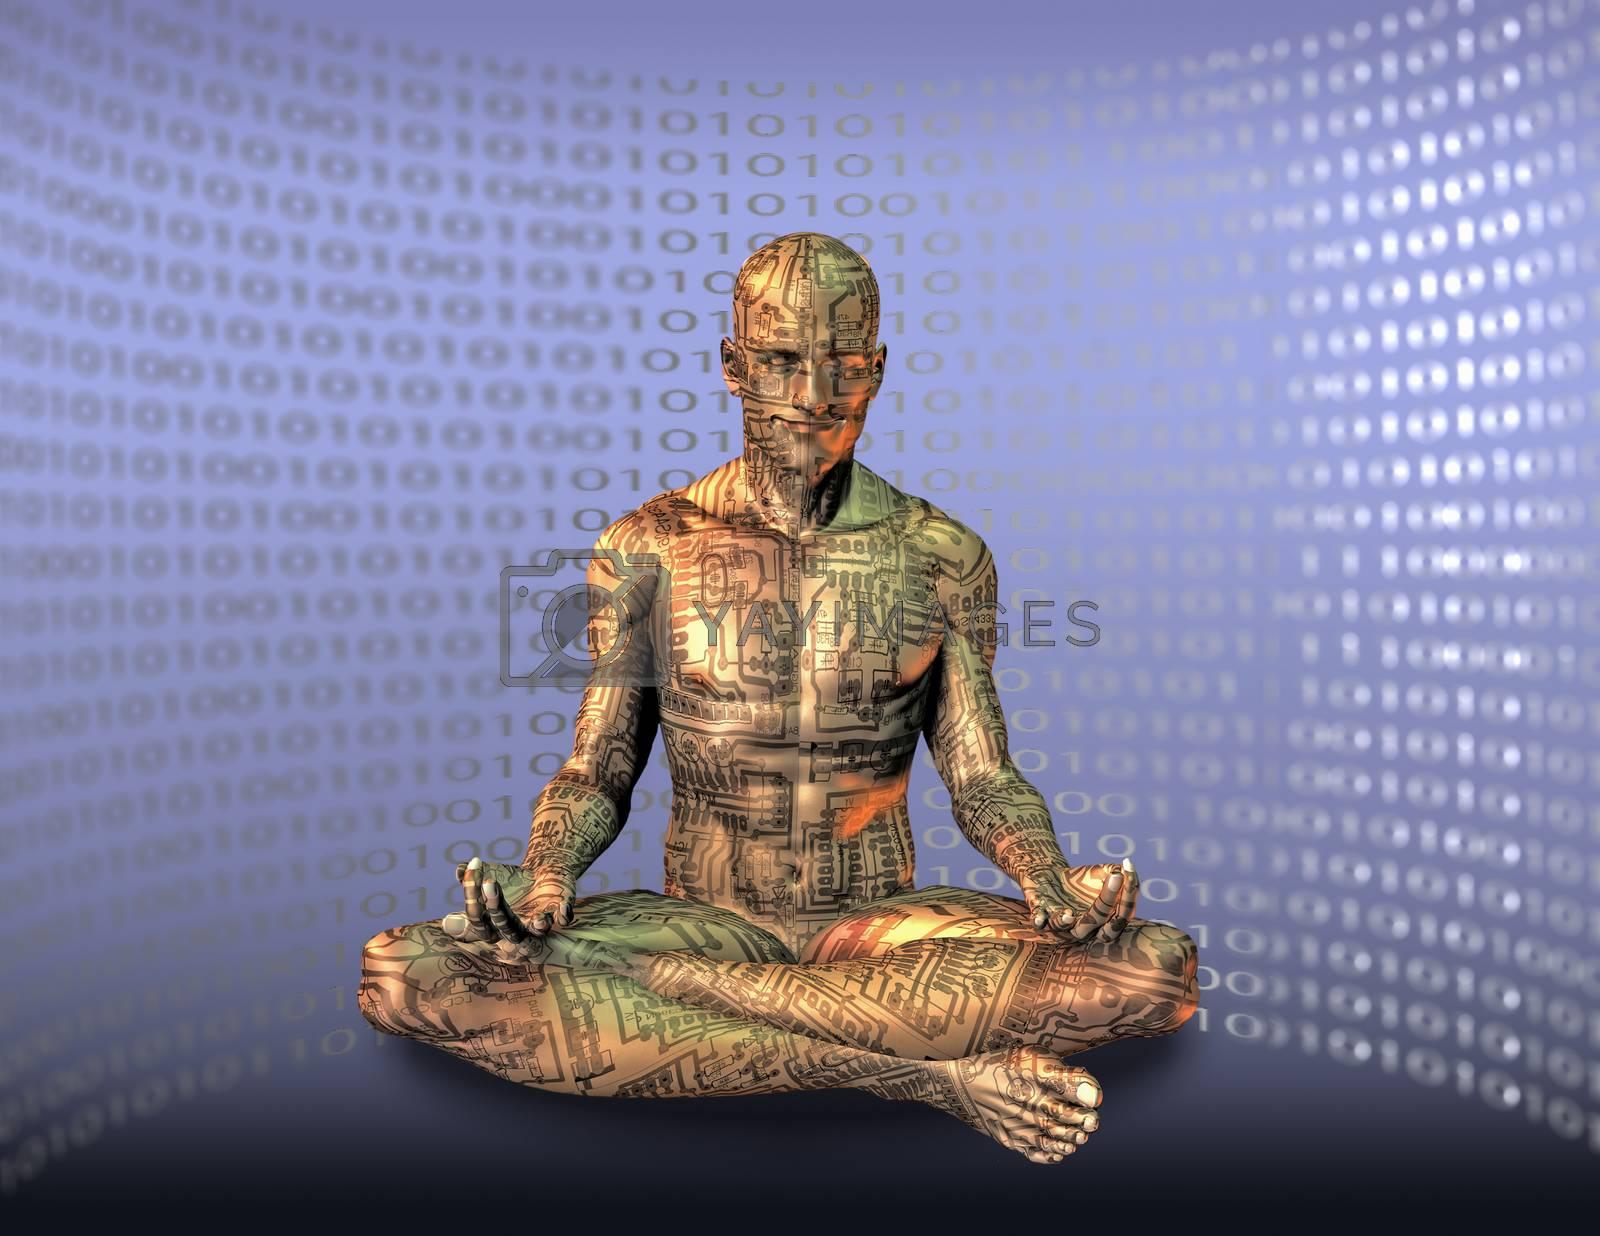 Cyborg meditates in lotus pose